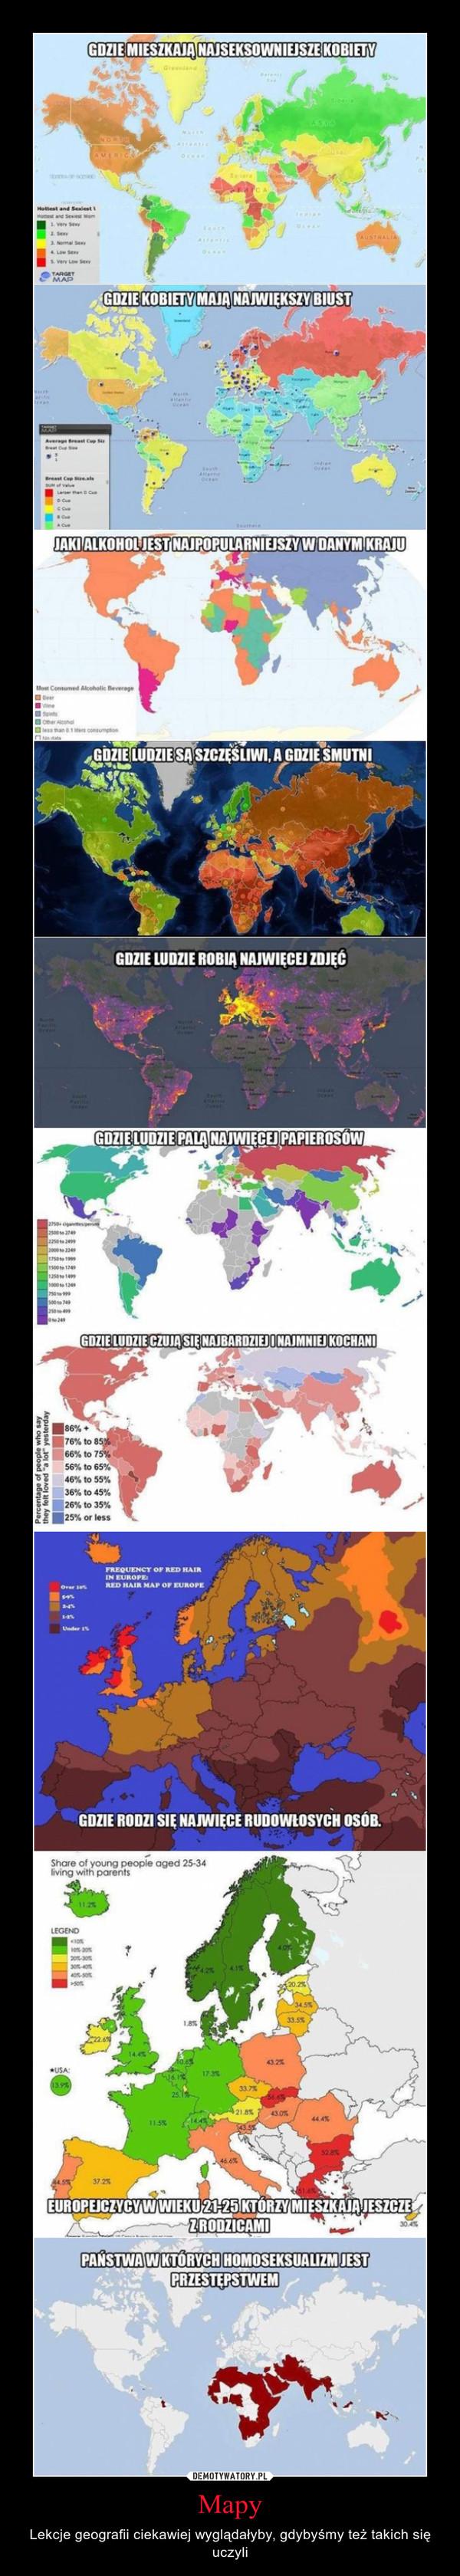 Mapy – Lekcje geografii ciekawiej wyglądałyby, gdybyśmy też takich się uczyli